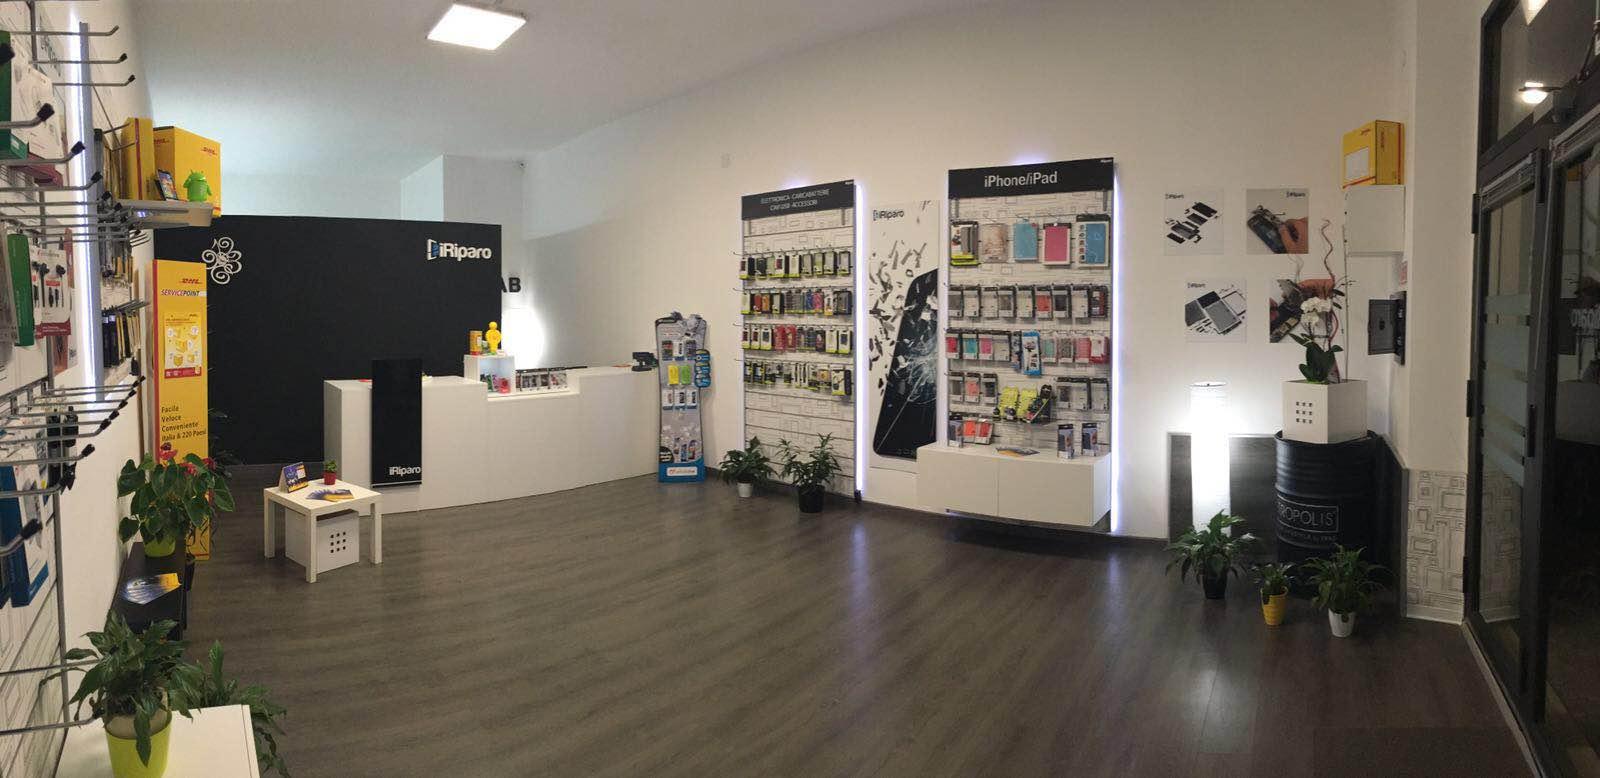 iriparo-store_3